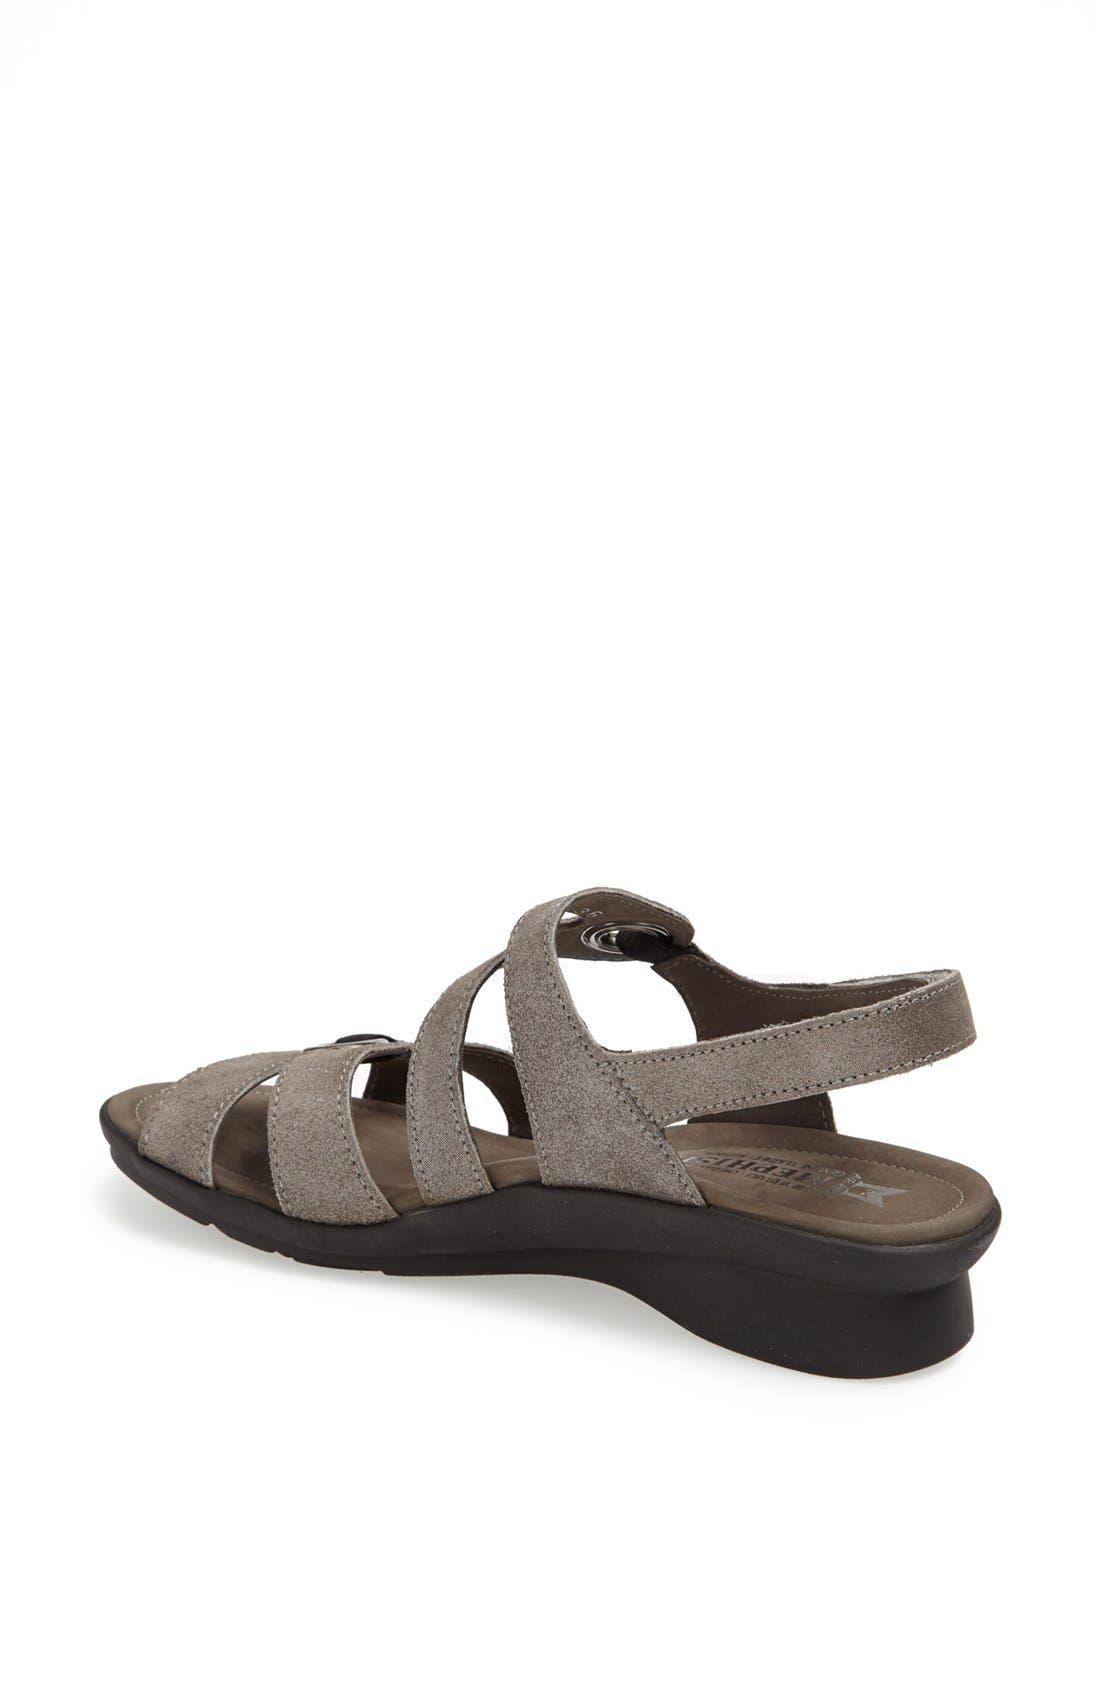 Alternate Image 2  - Mephisto 'Parfolia' Sandal